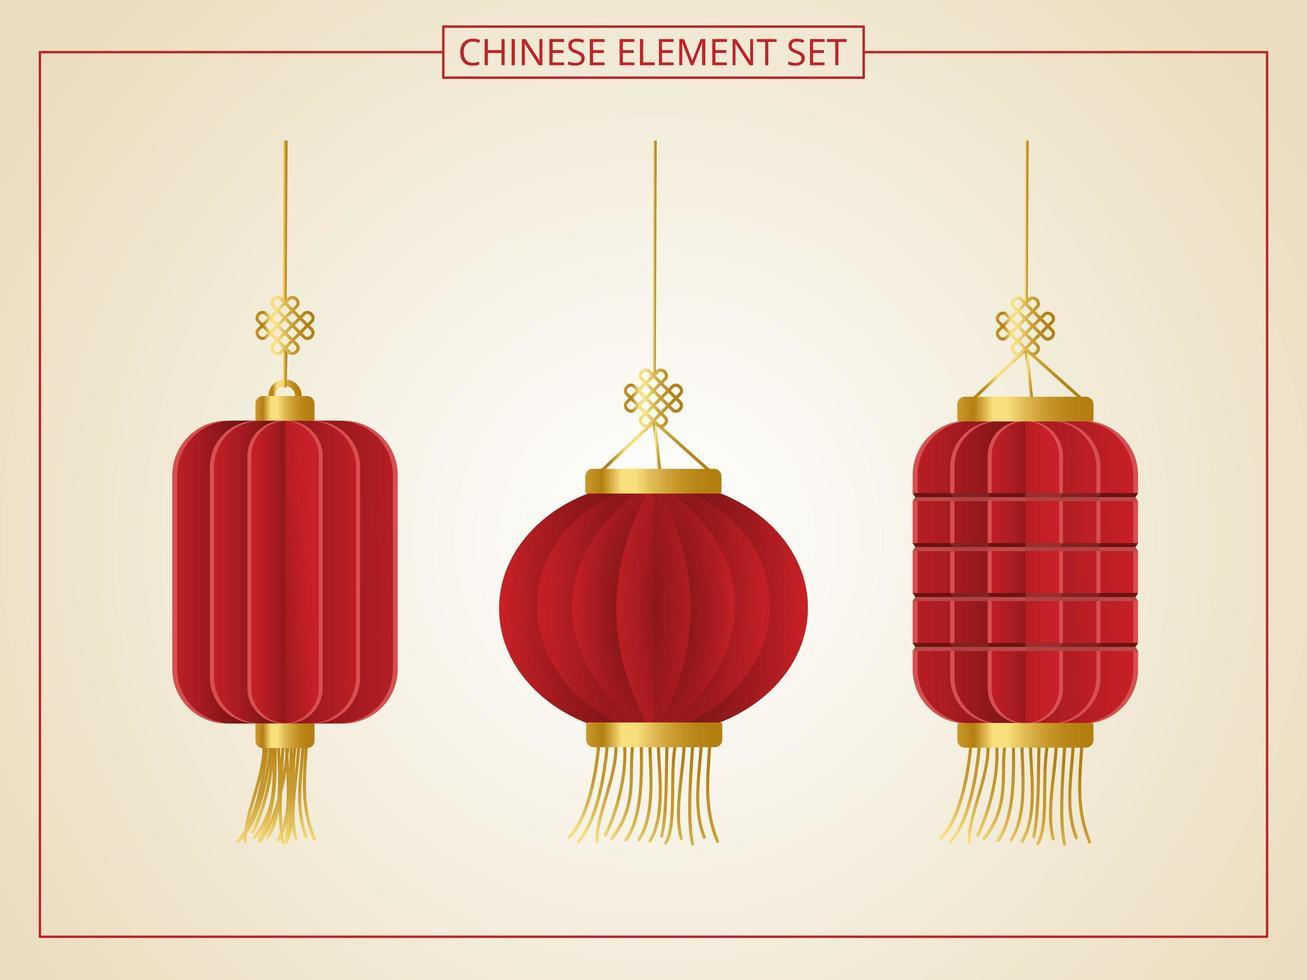 elemento de lanterna chinesa vetor